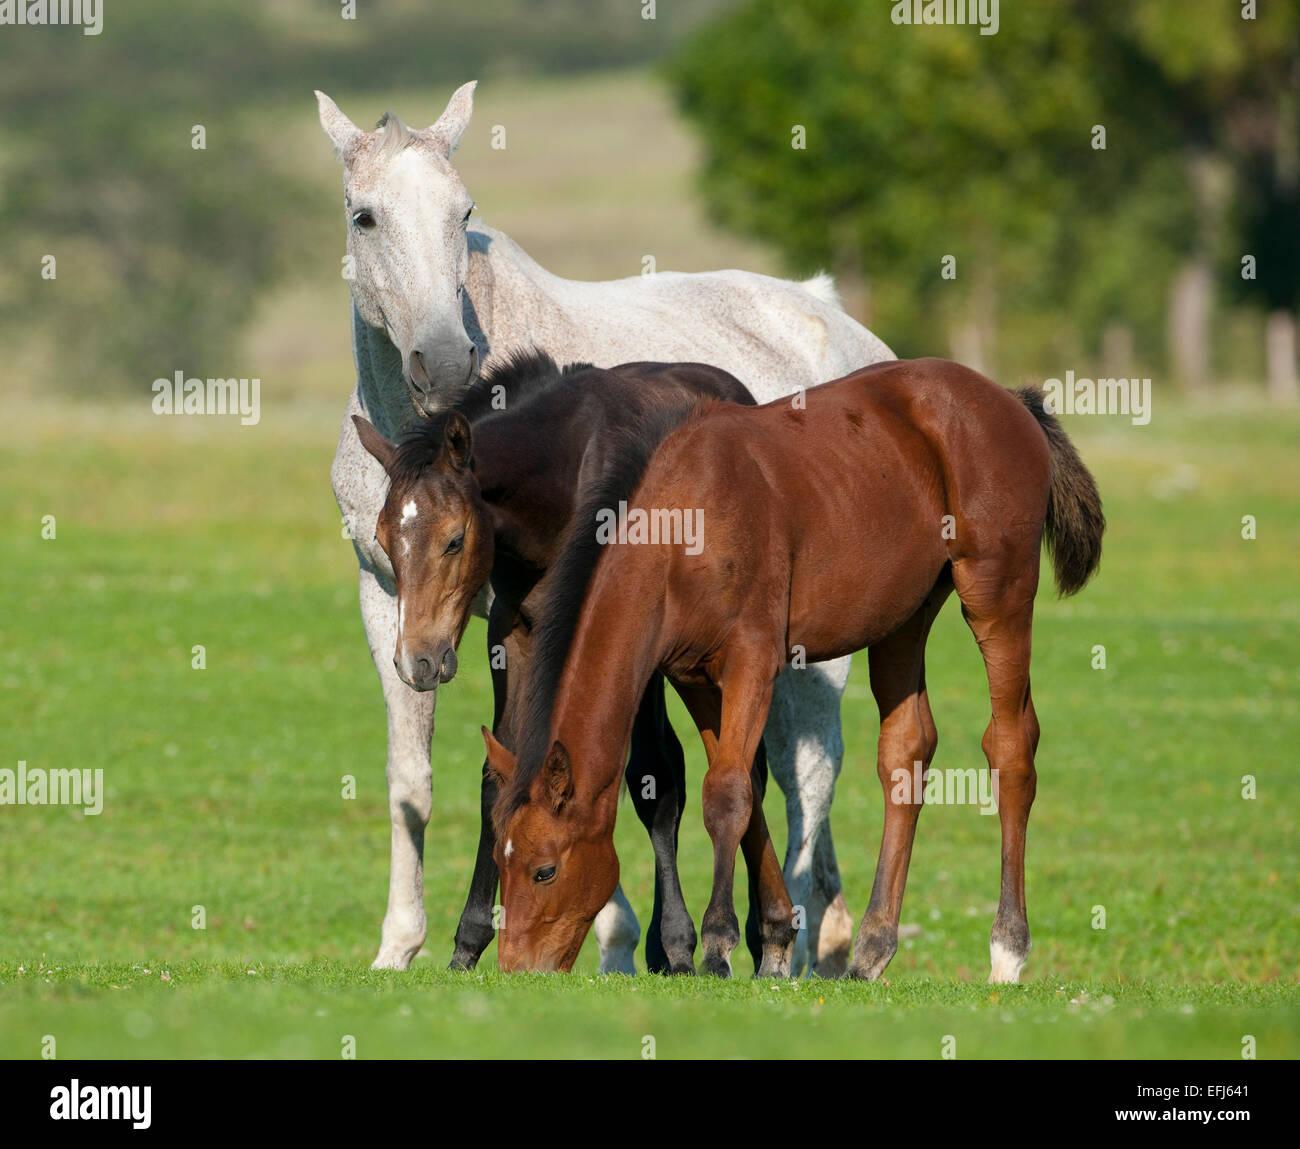 Cavalli, bianco mare e due foales con scuri cappotti, Turingia, Germania Immagini Stock